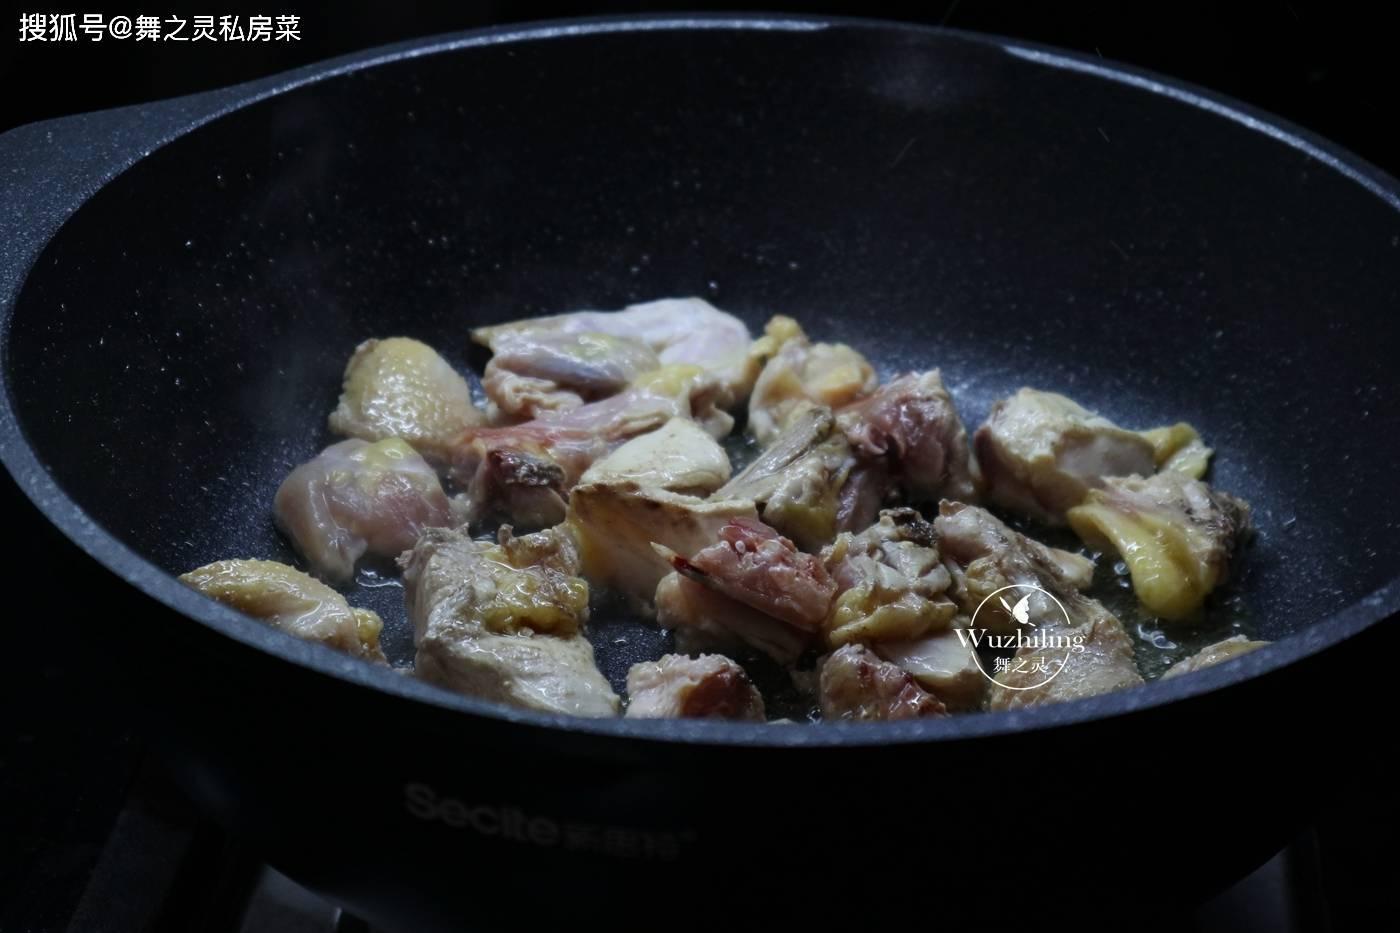 冬天太冷,此肉比猪肉牛肉更营养,女人常吃手脚热,睡眠更好了